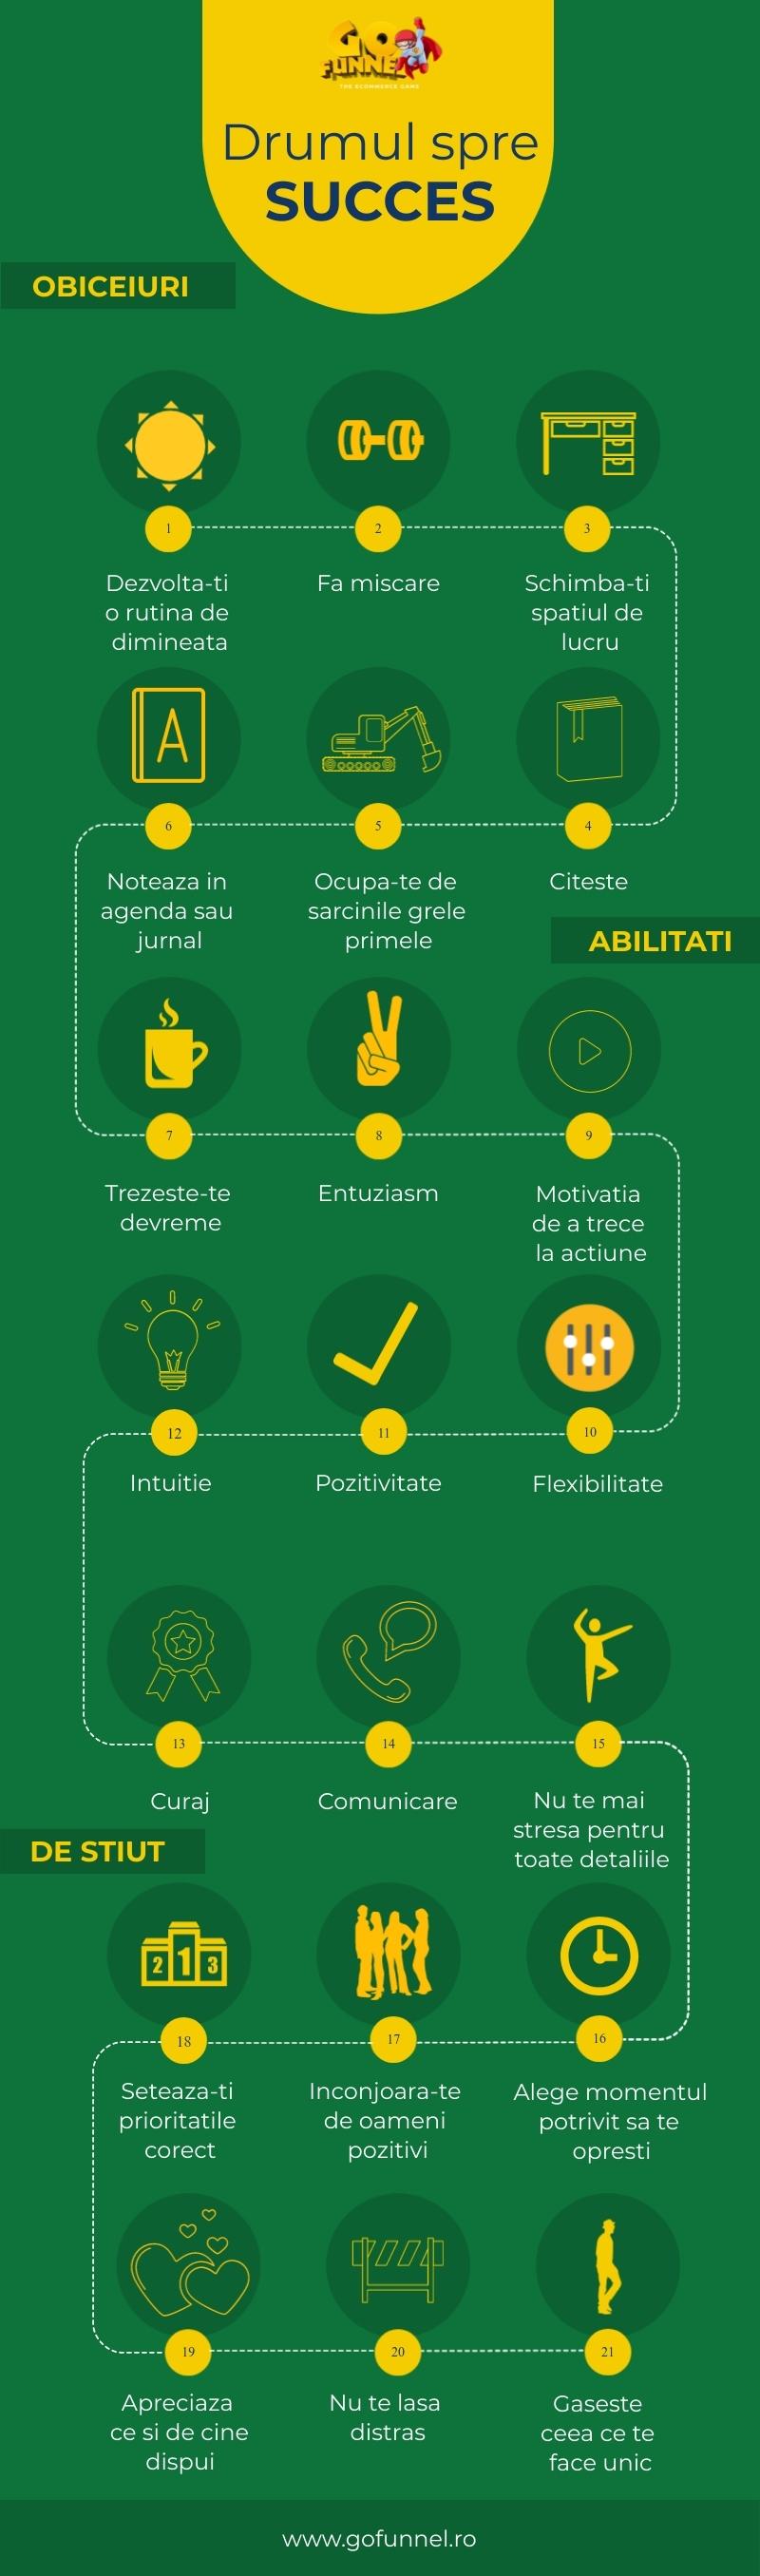 infografic gofunnel